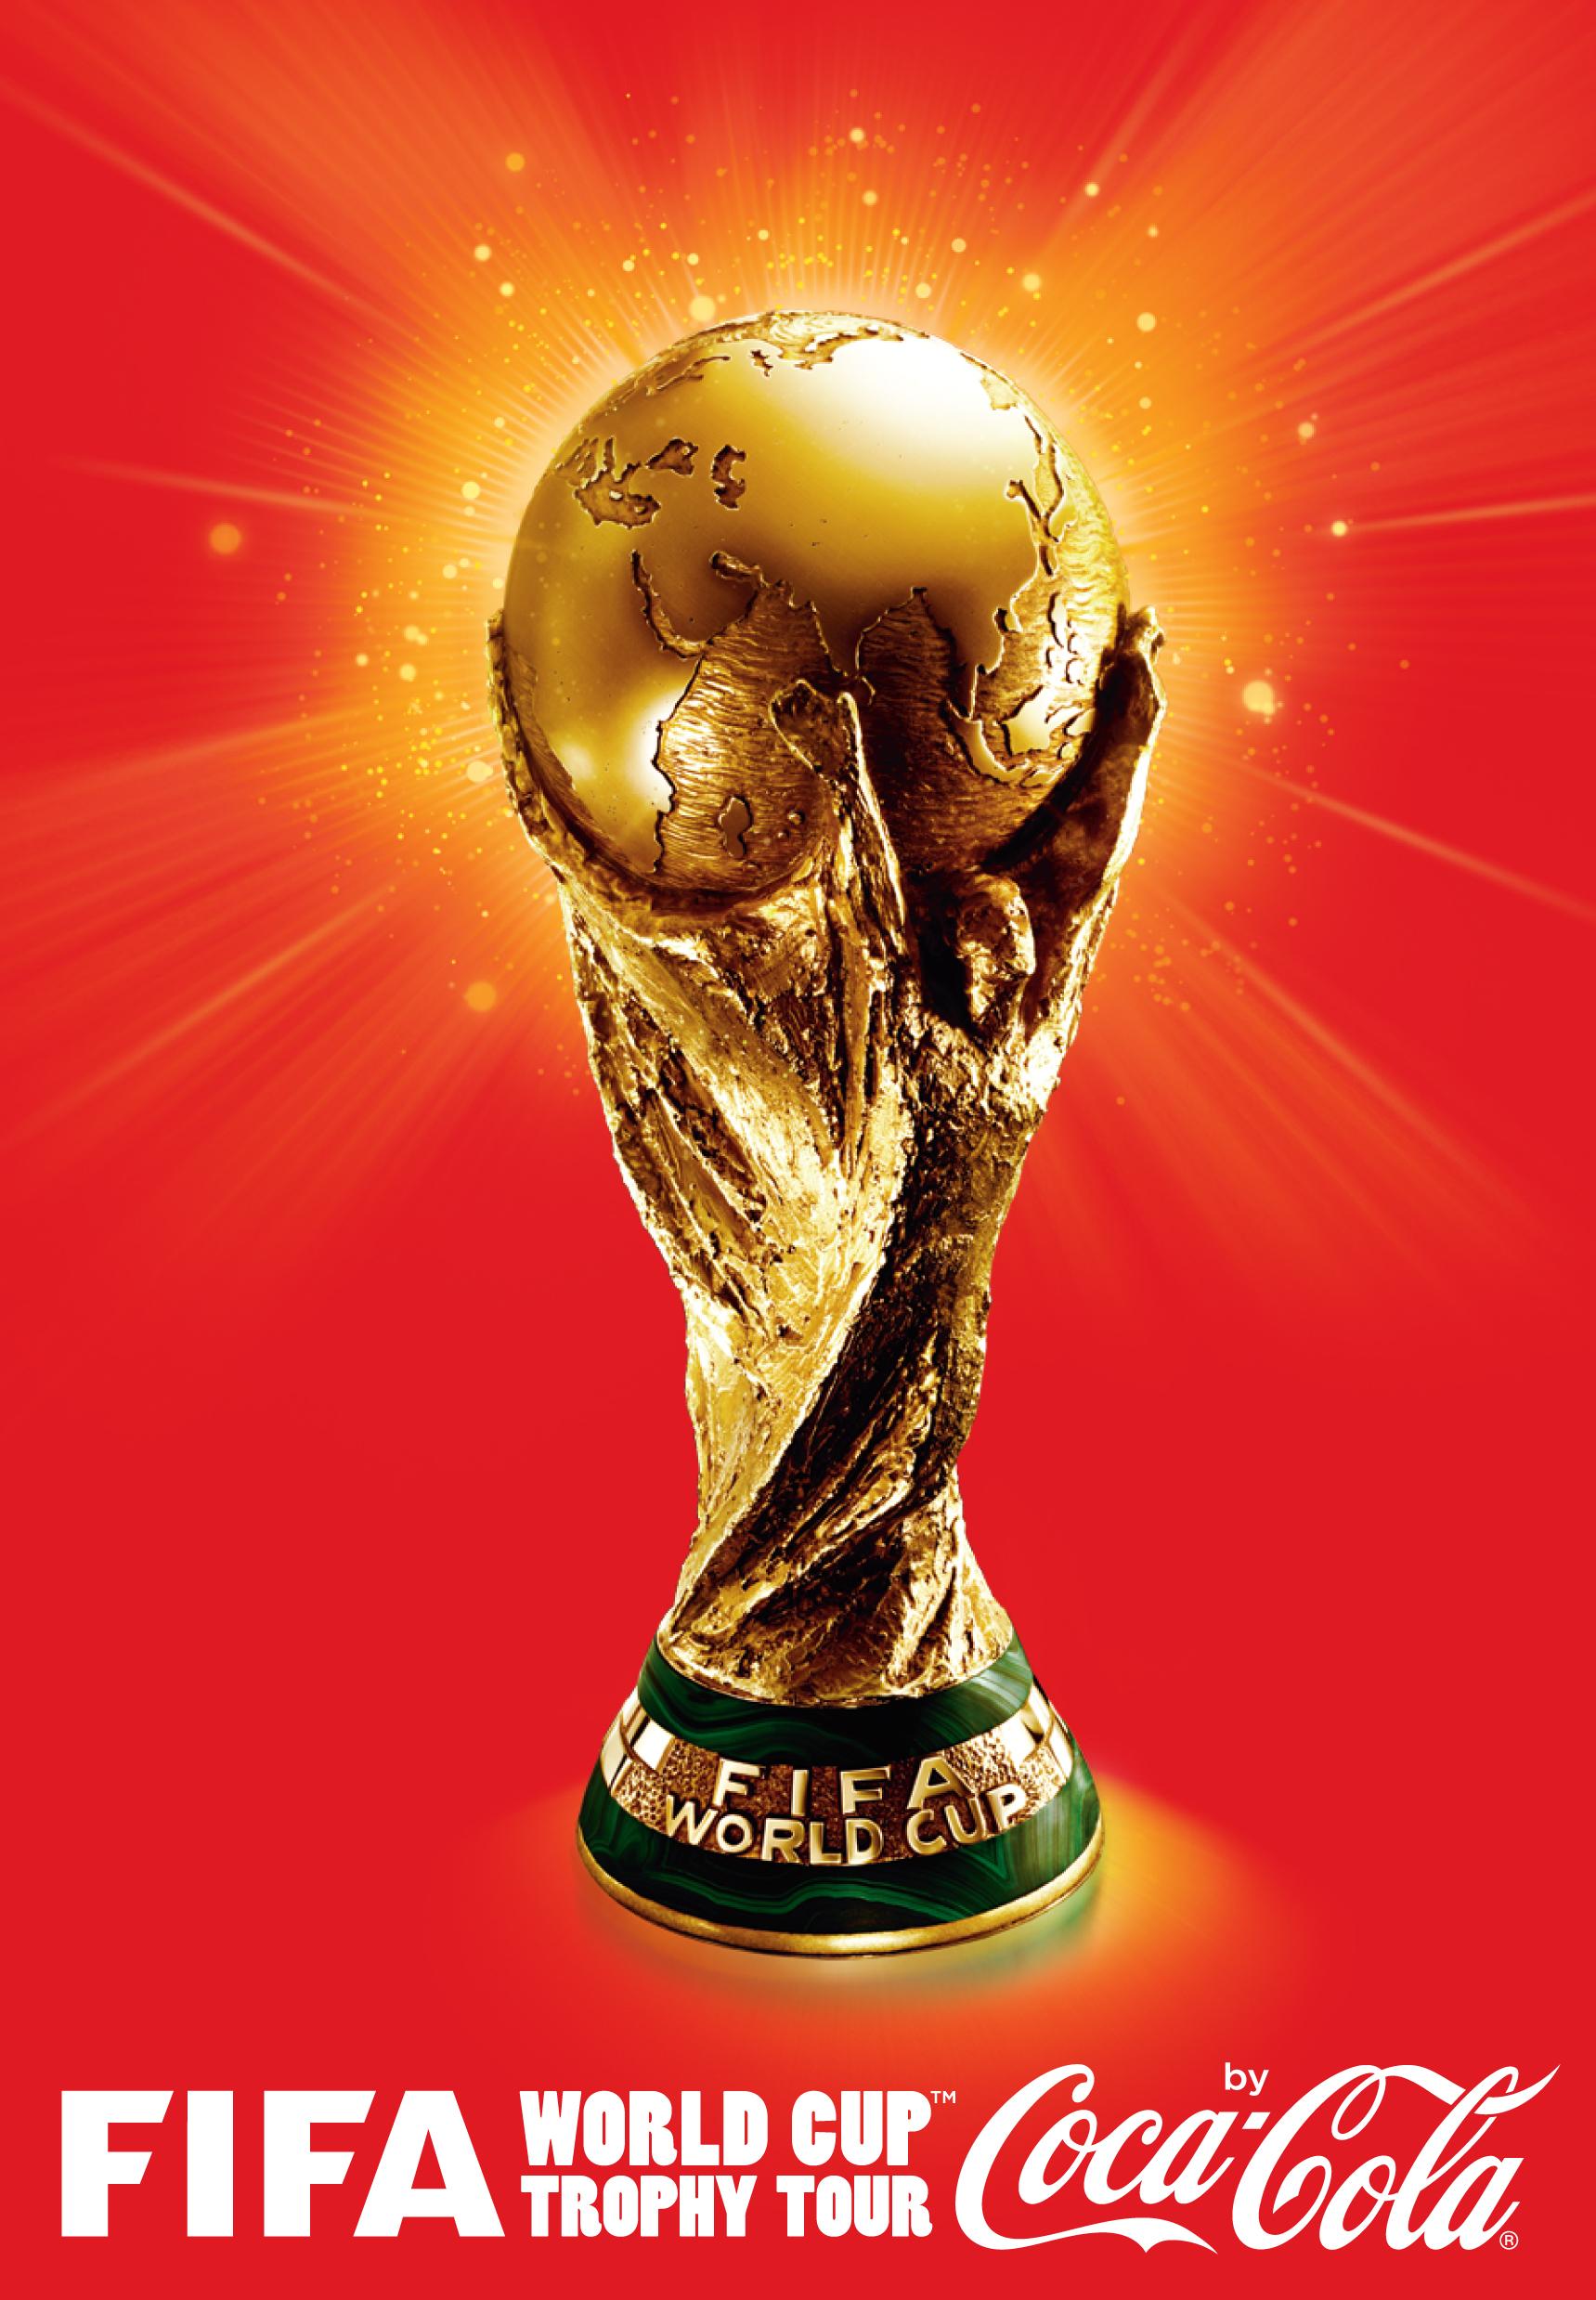 При поддержке Coca-Cola: 10 ноября кубок мира по футболу прибывает в Израиль.